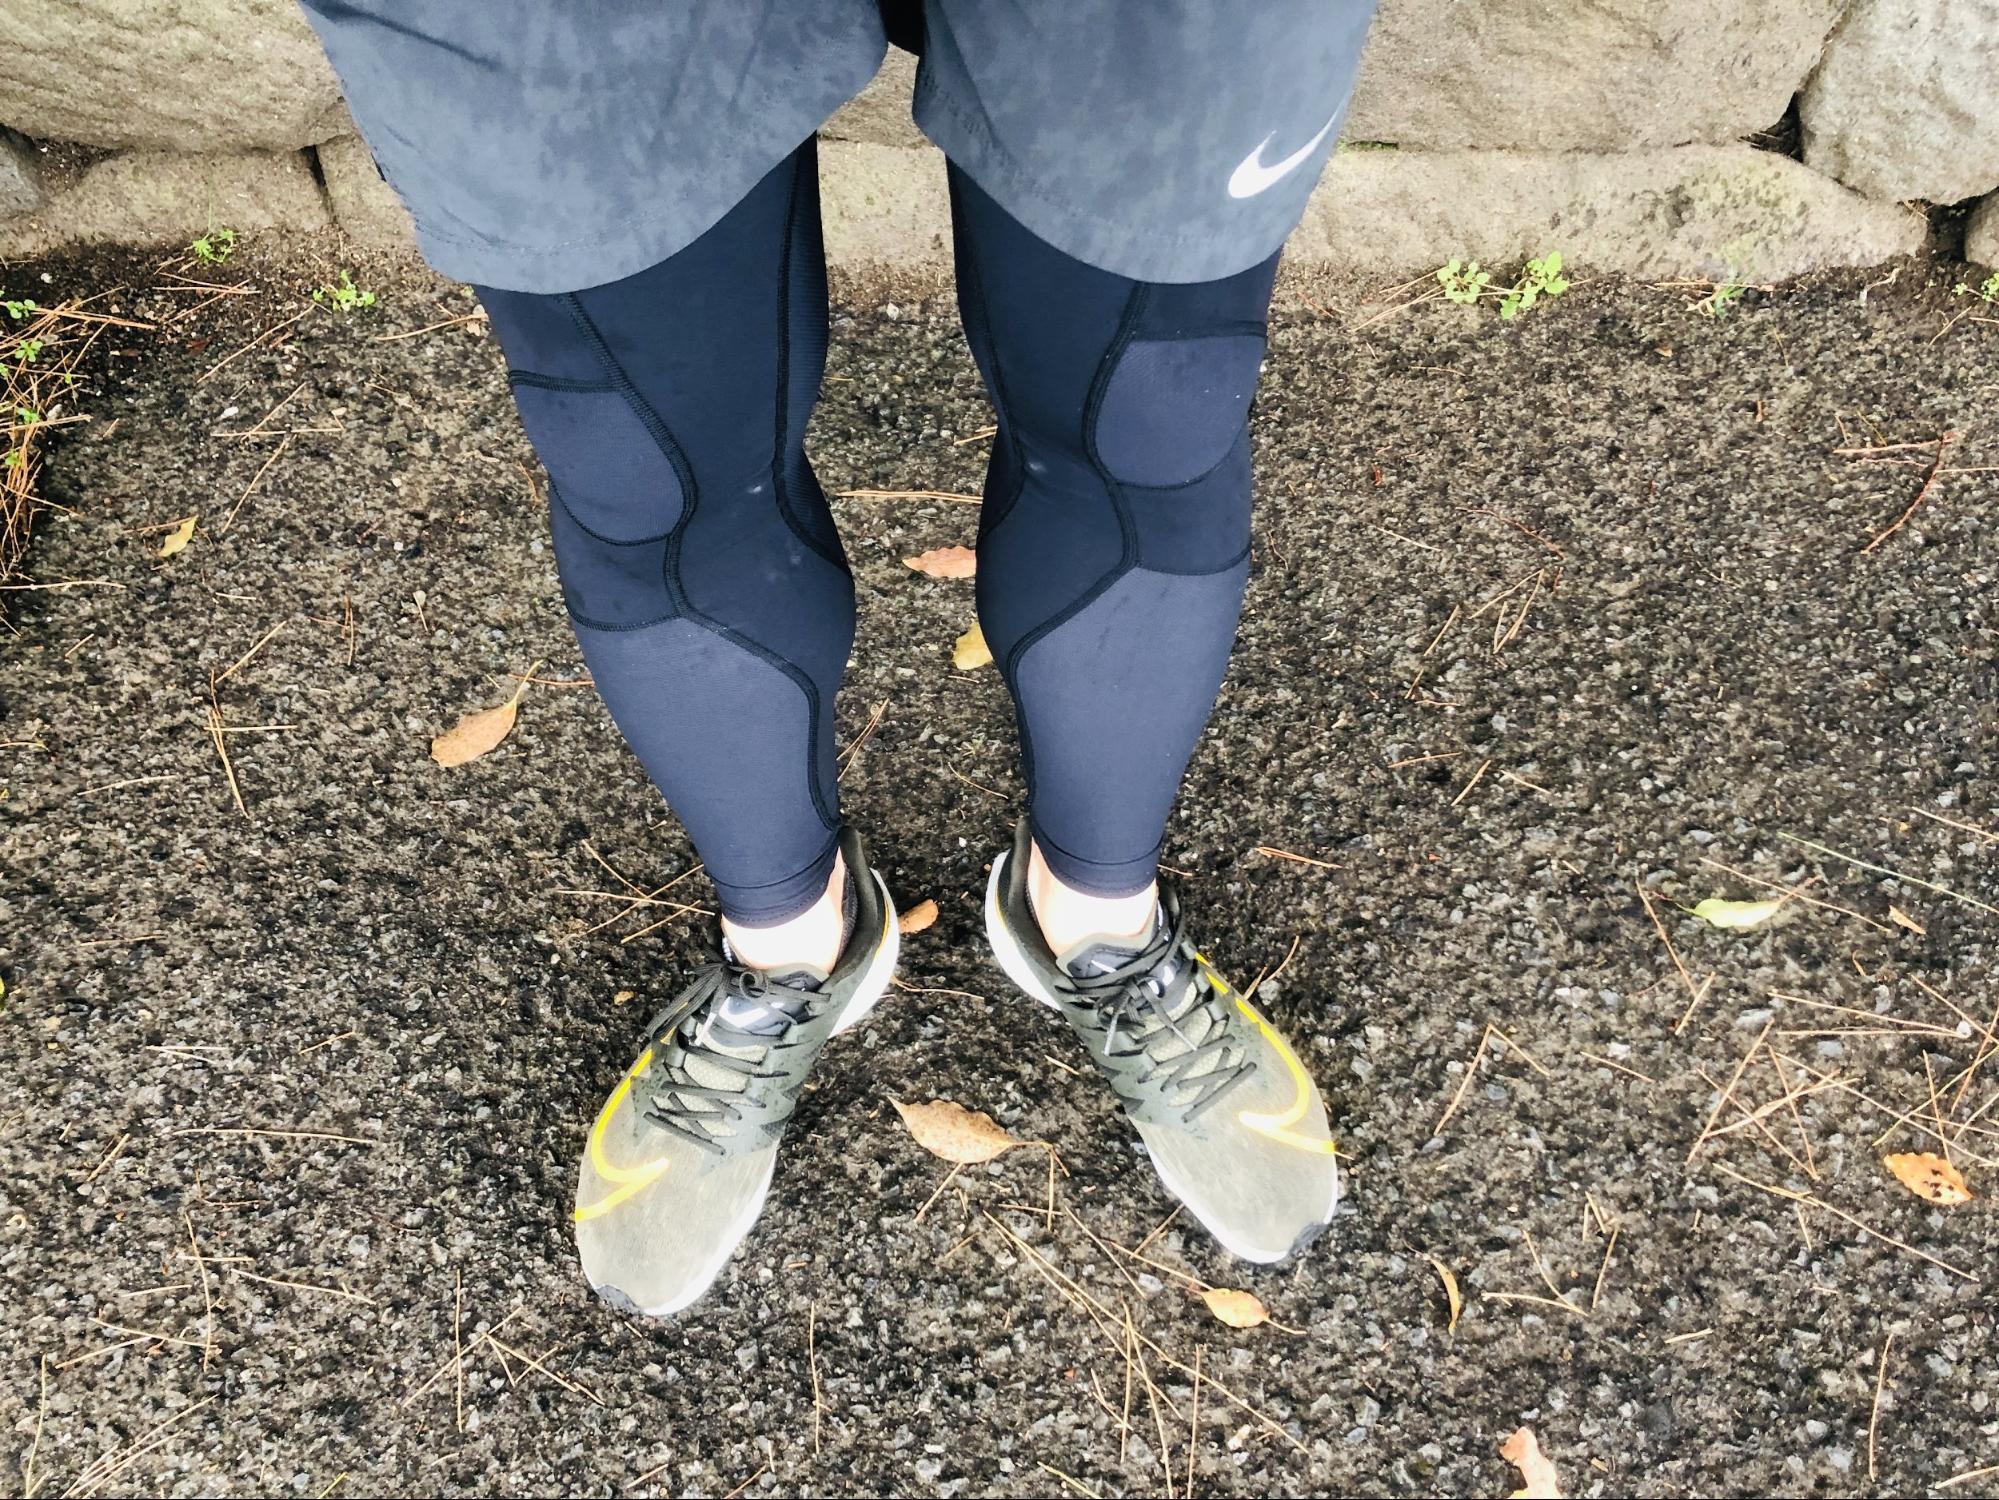 膝関節を固定してくれるスポーツタイツ「C3fit」